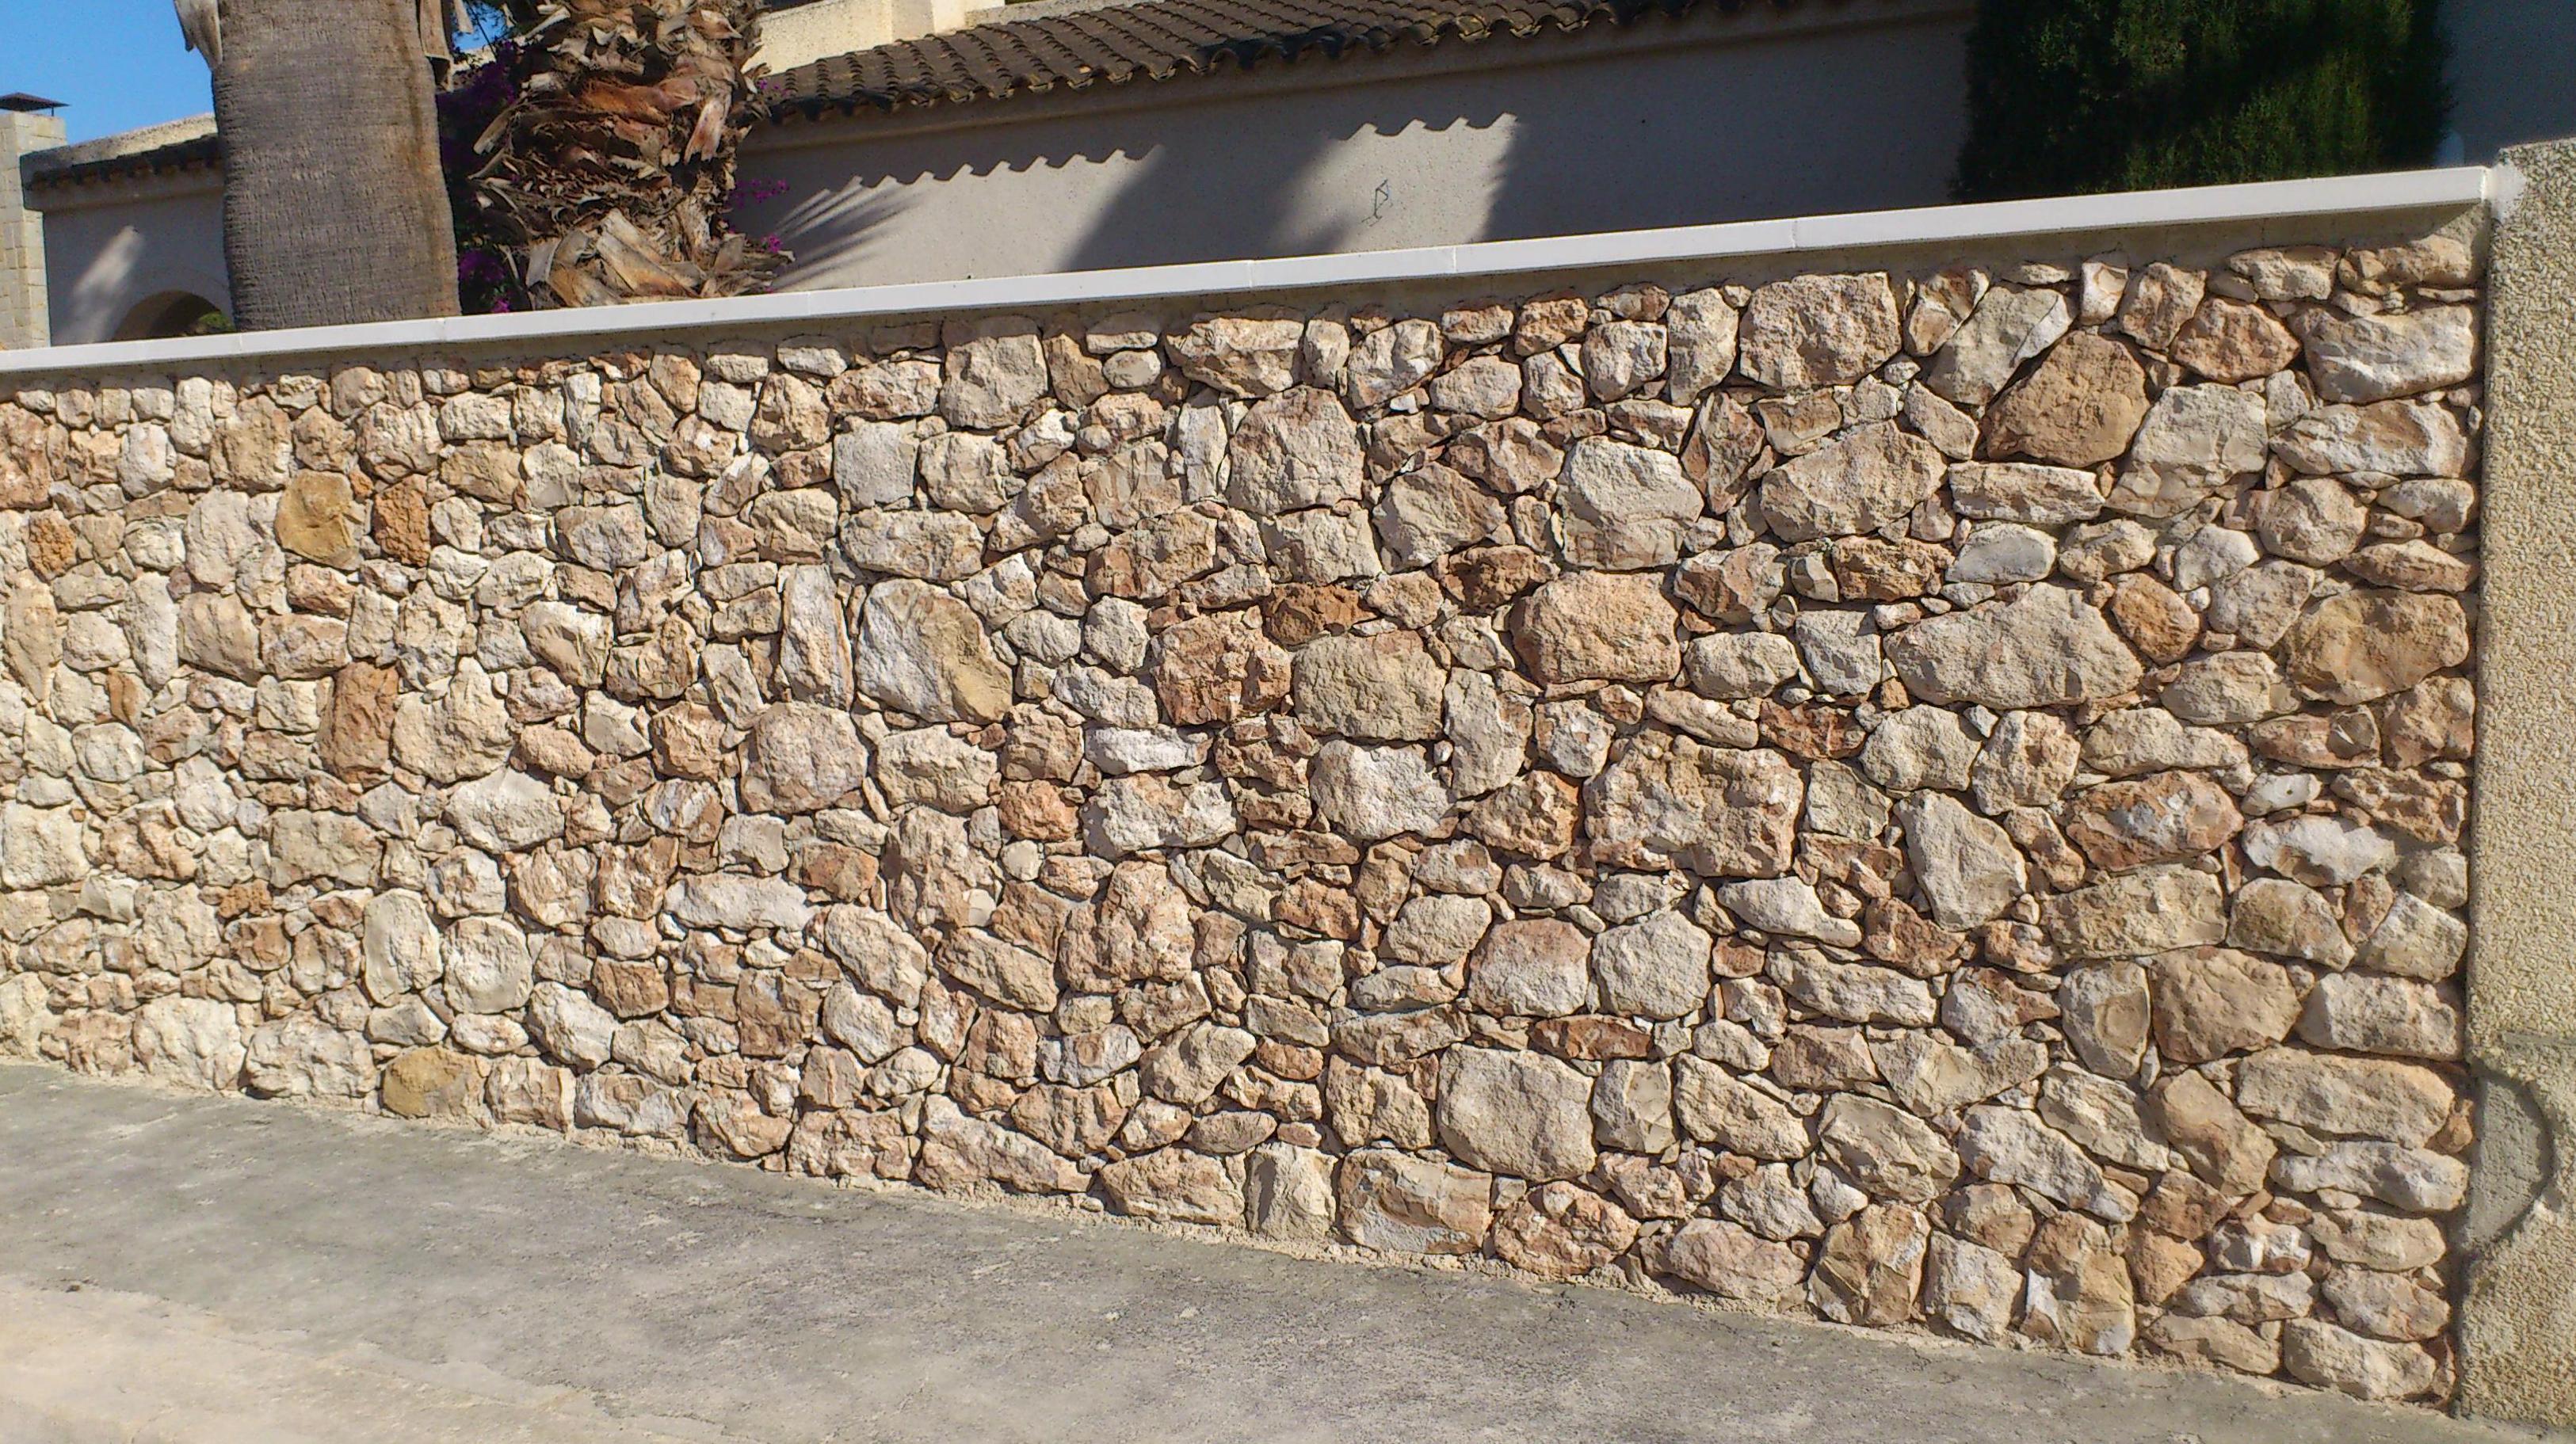 Muro de piedra natural finest artesira muros de piedra - Muros de piedra natural ...